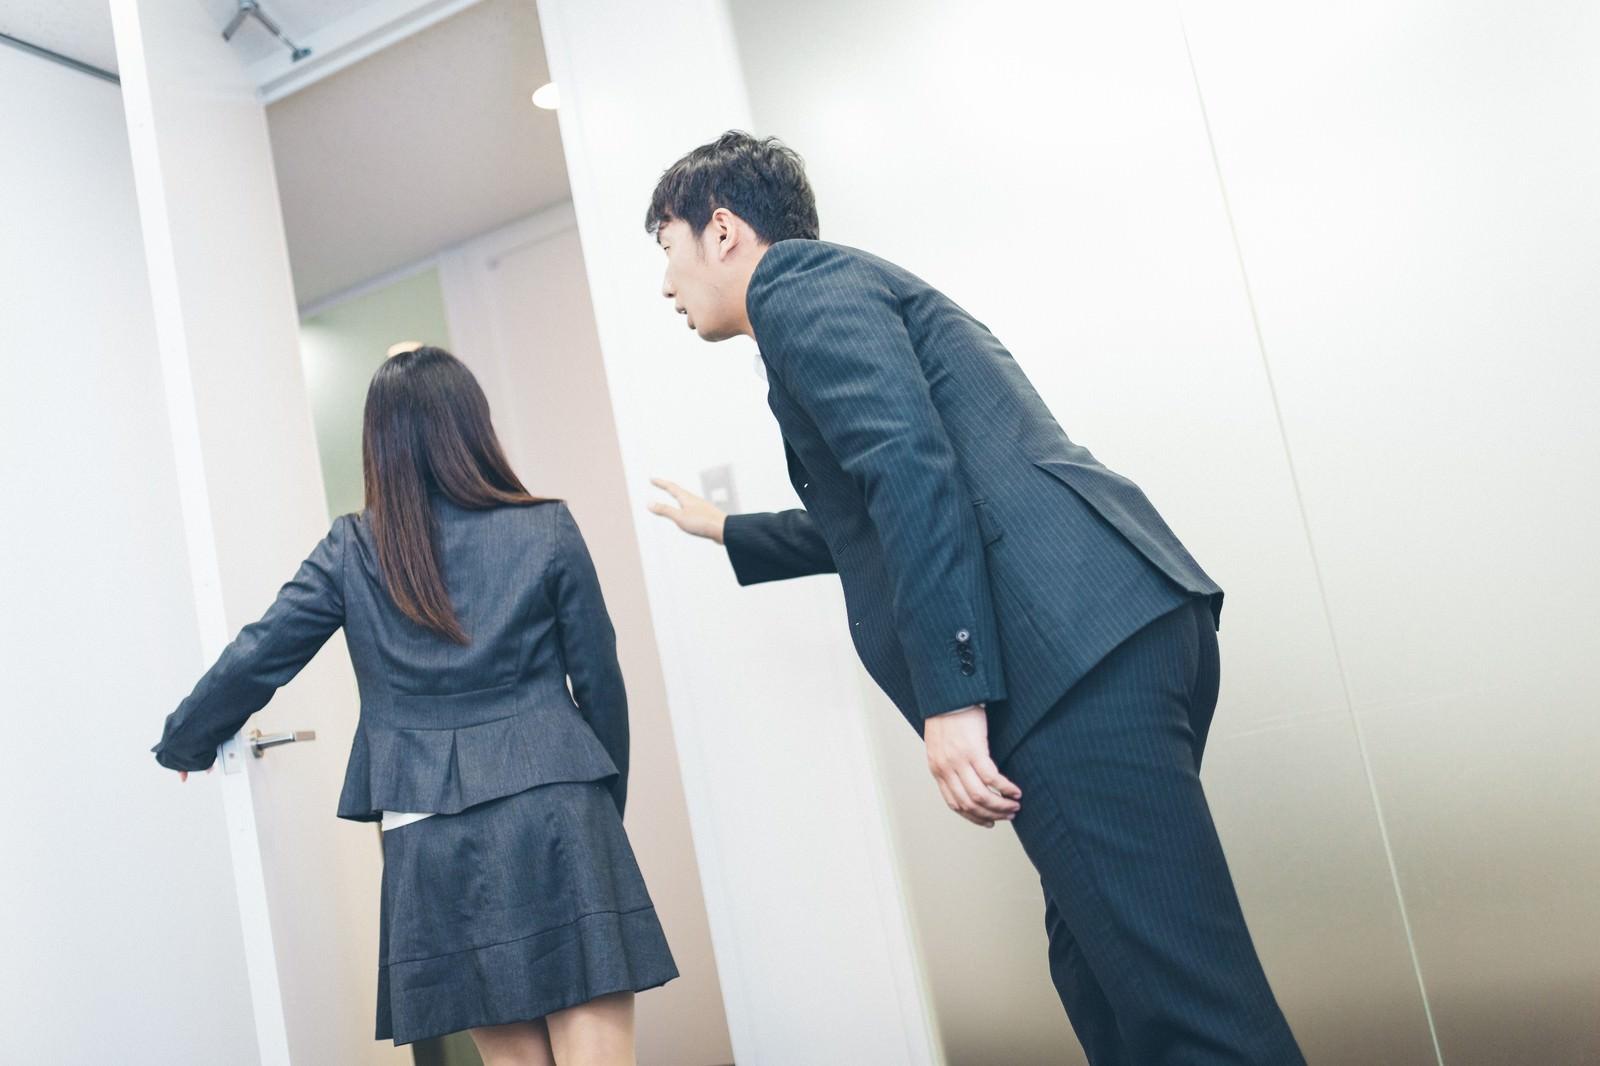 「誰もいない会議室で告白をするも見事フラれる玉砕系男子」の写真[モデル:大川竜弥 Lala]